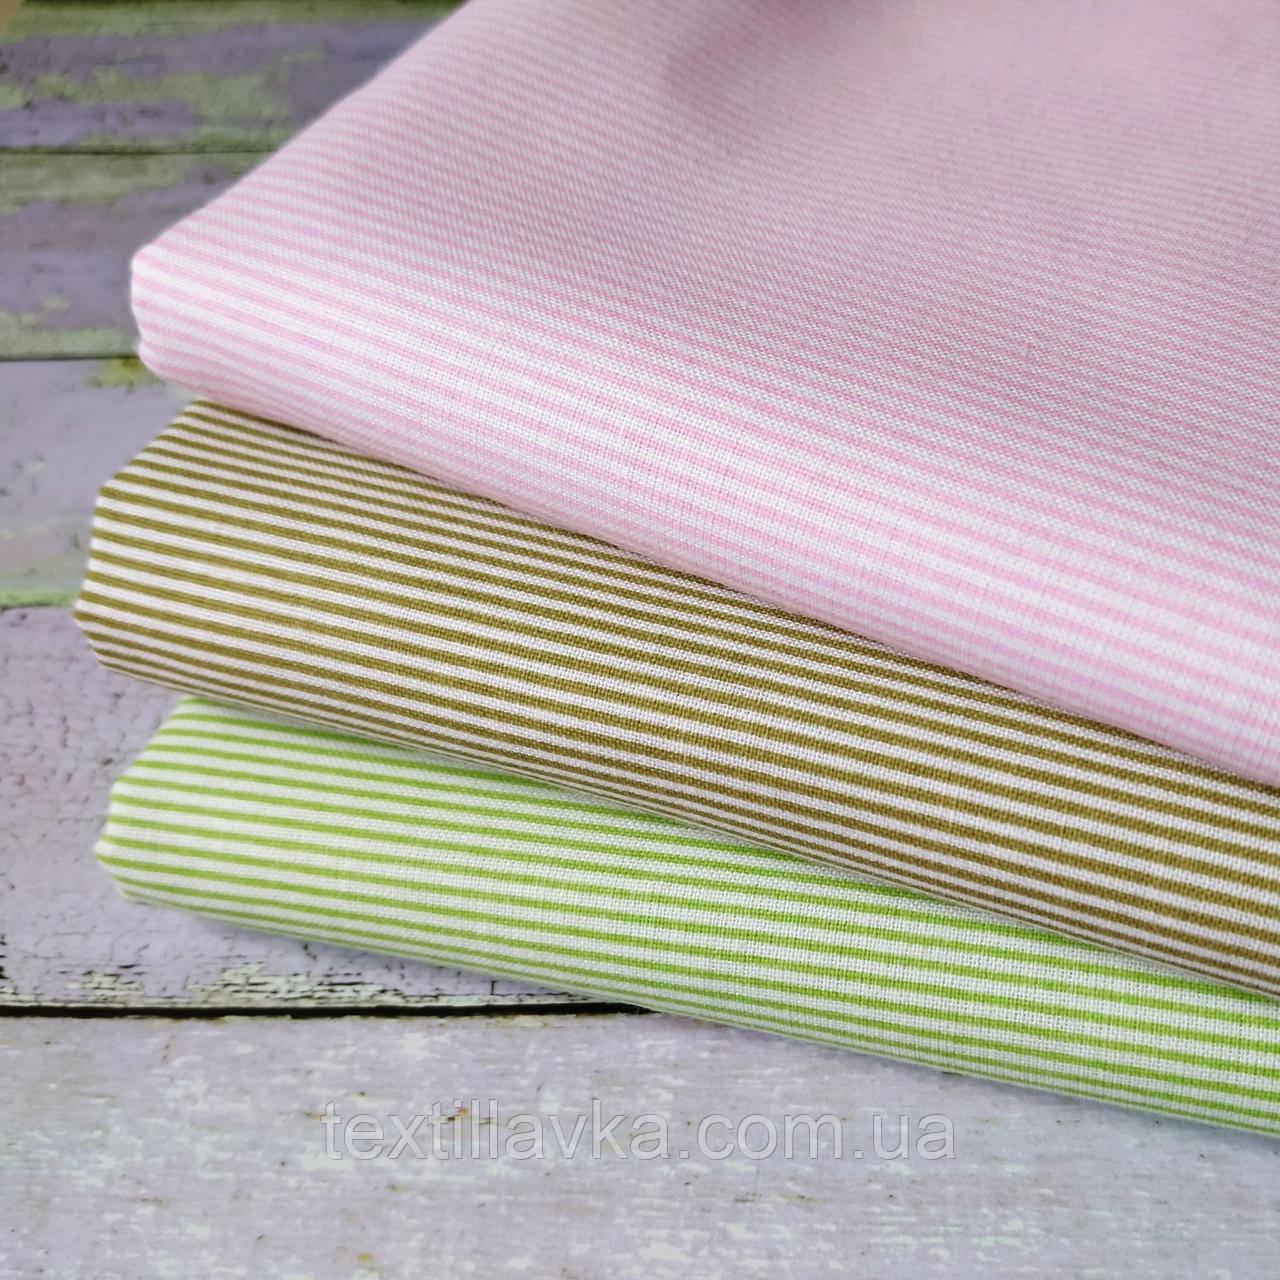 Набор ткани для рукоделия мелкая полоска 3 шт.